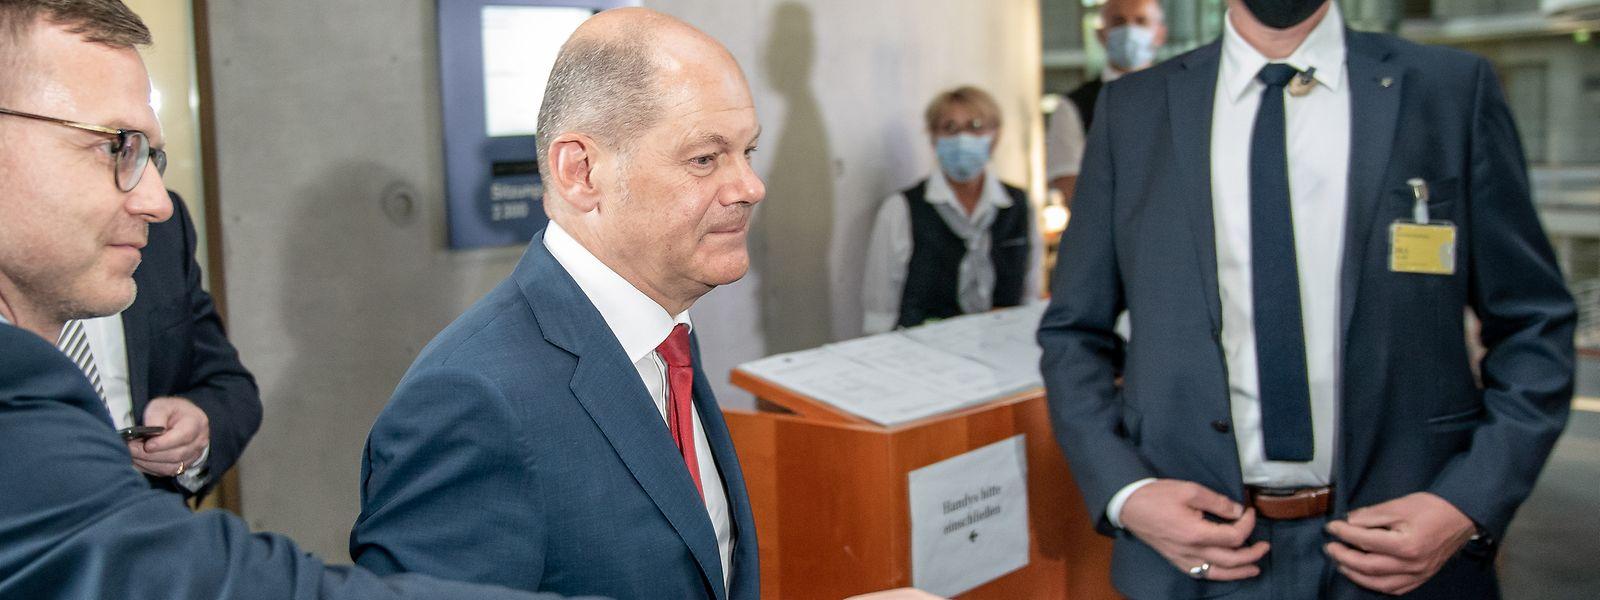 Olaf Scholz (SPD), deutscher Bundesminister der Finanzen, kommt aus einer Sitzung des Bundestags-Finanzausschusses zum Wirecard-Skandal.